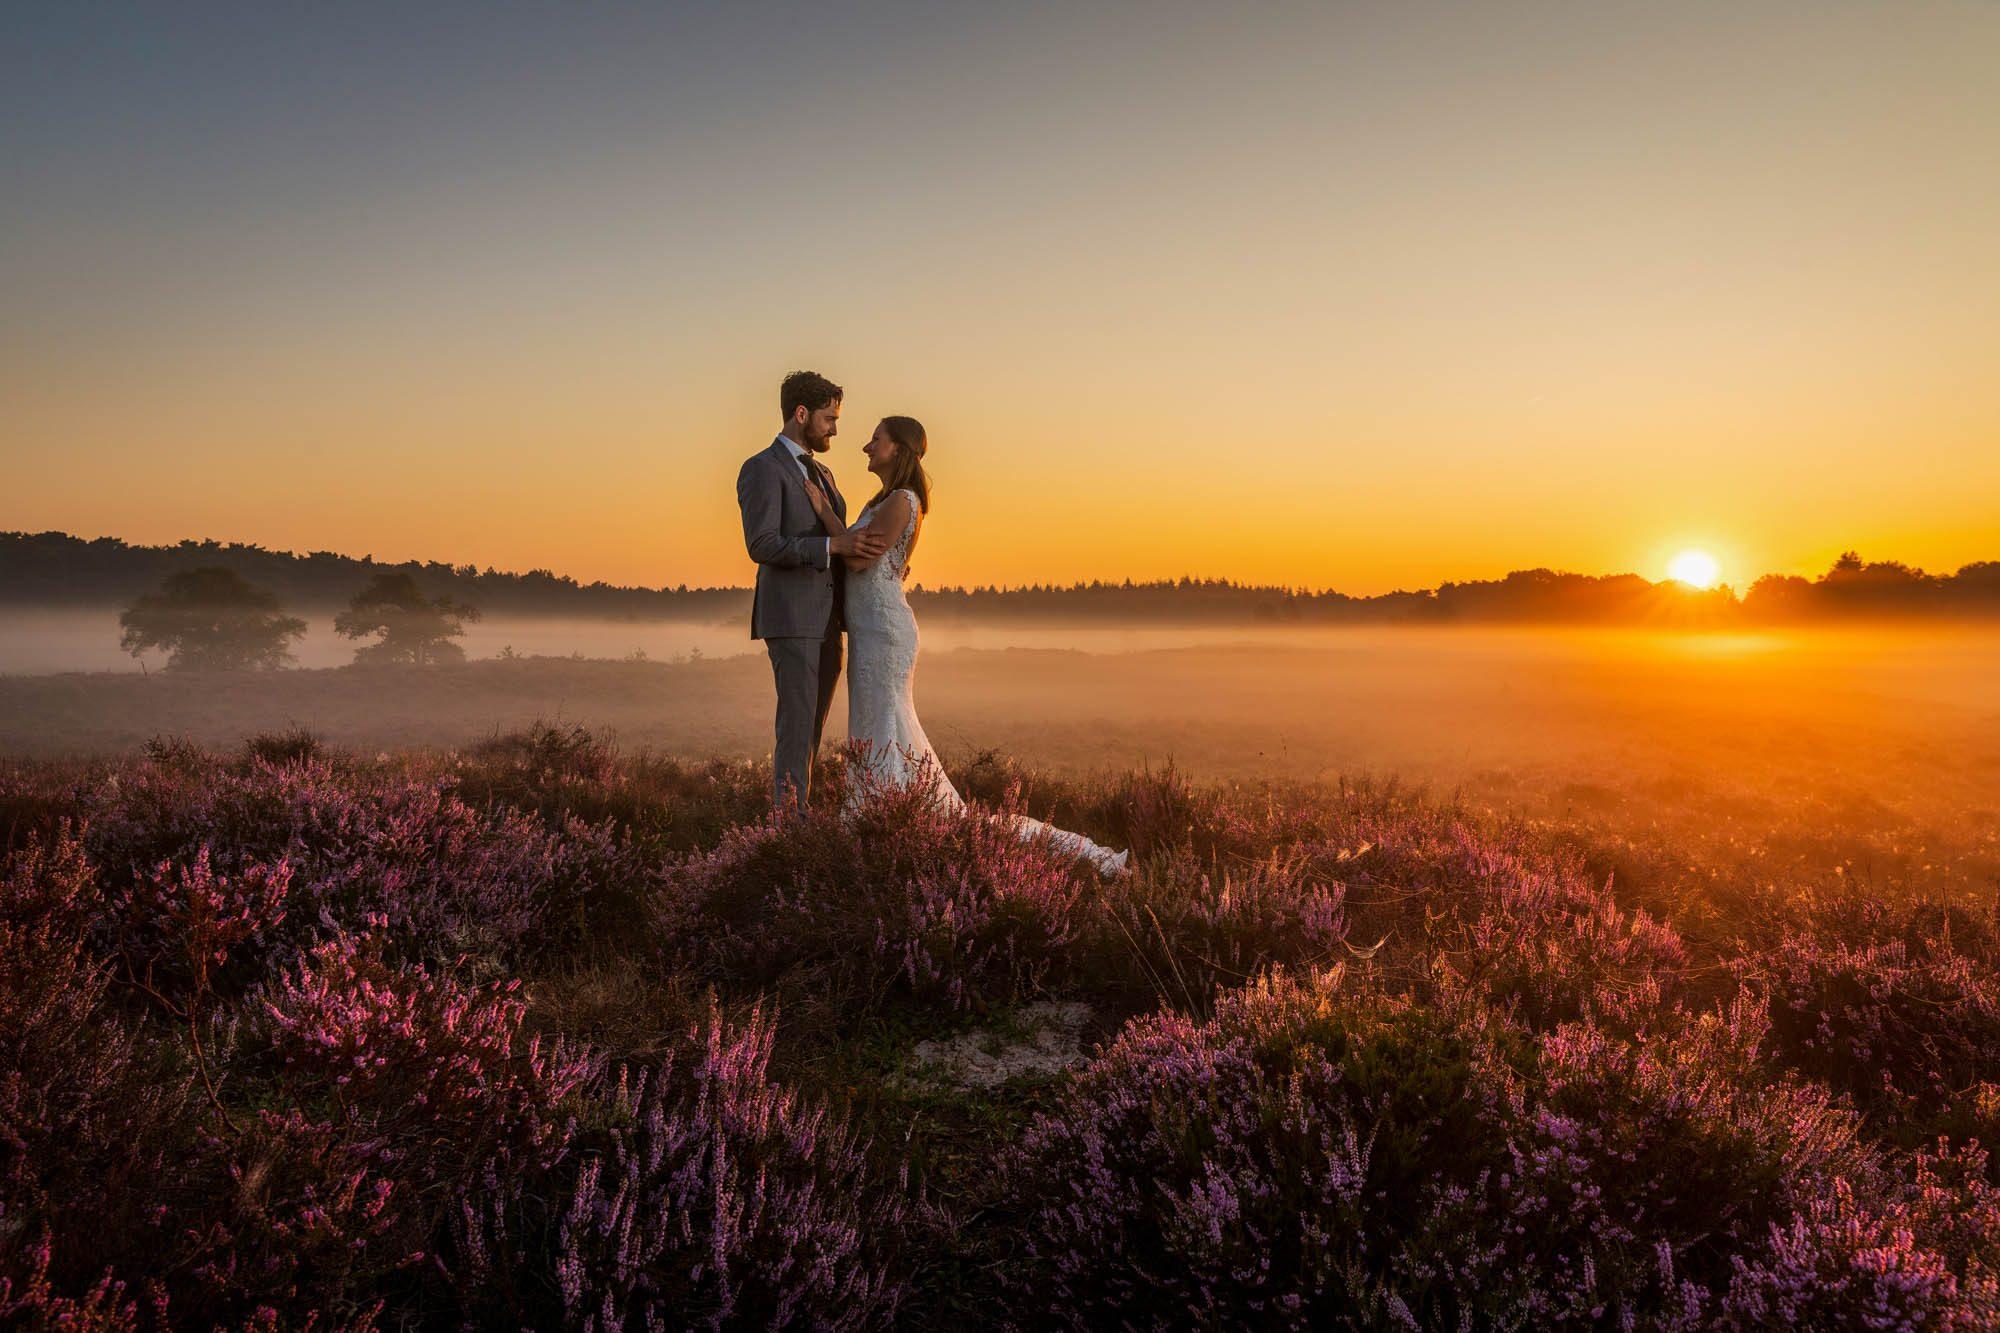 Buitengewone trouwfoto in de natuur.